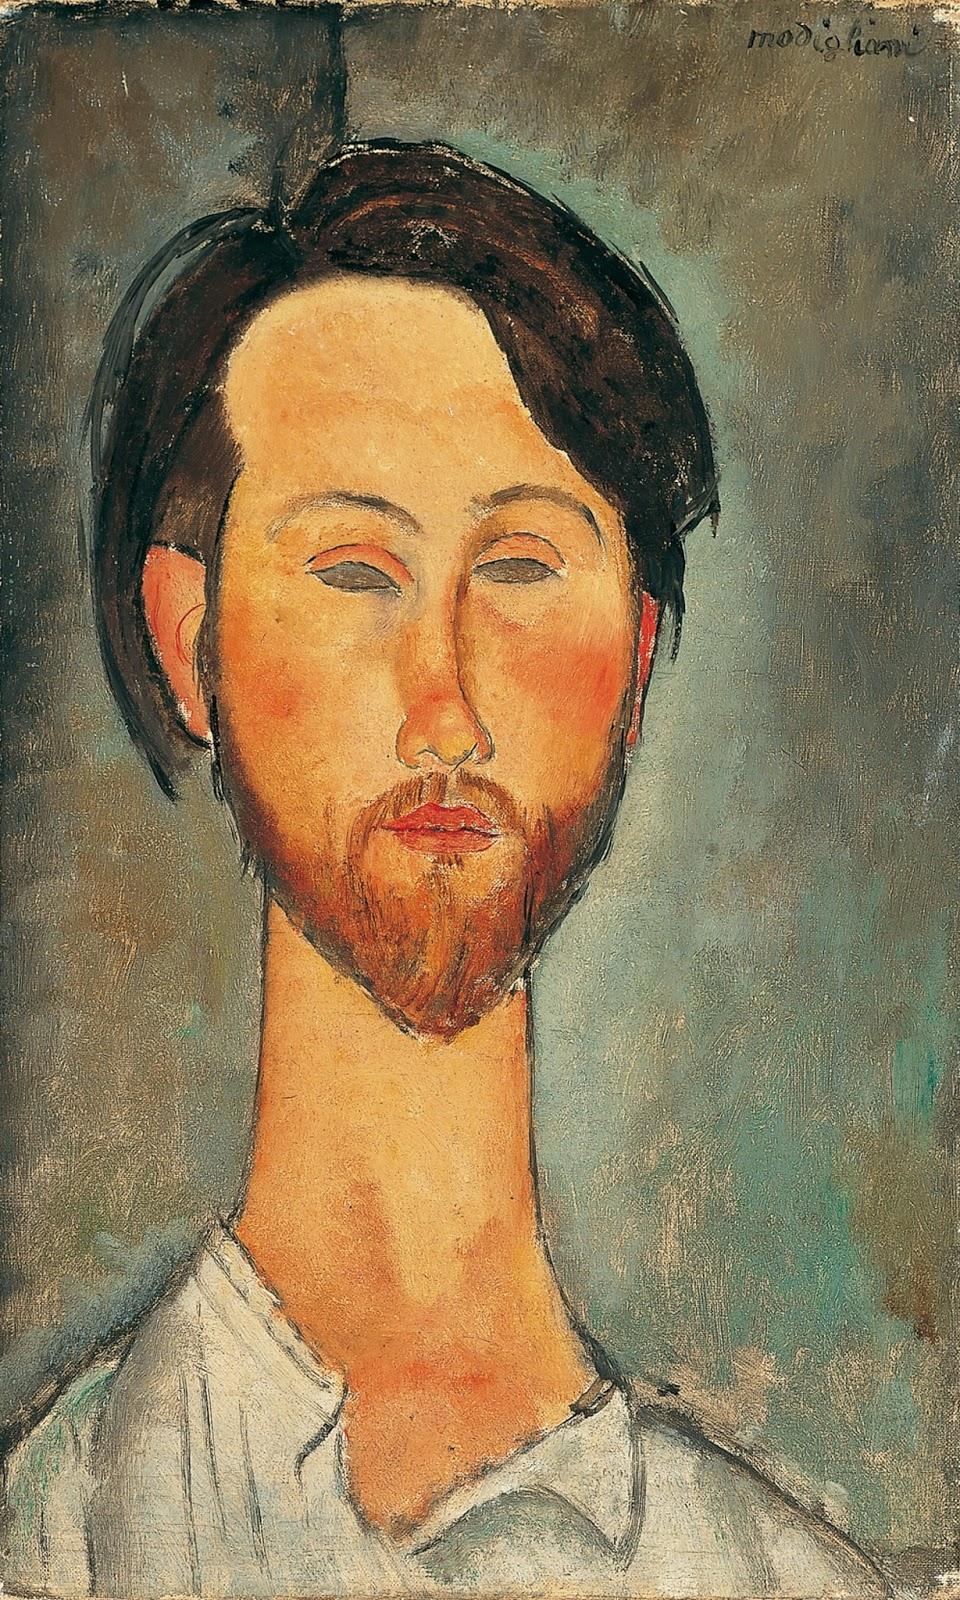 Amedeo Modigliani, Léopold Zborowski (1916; olio su tela, 46 x 27 cm; Collezione Jonas Netter)